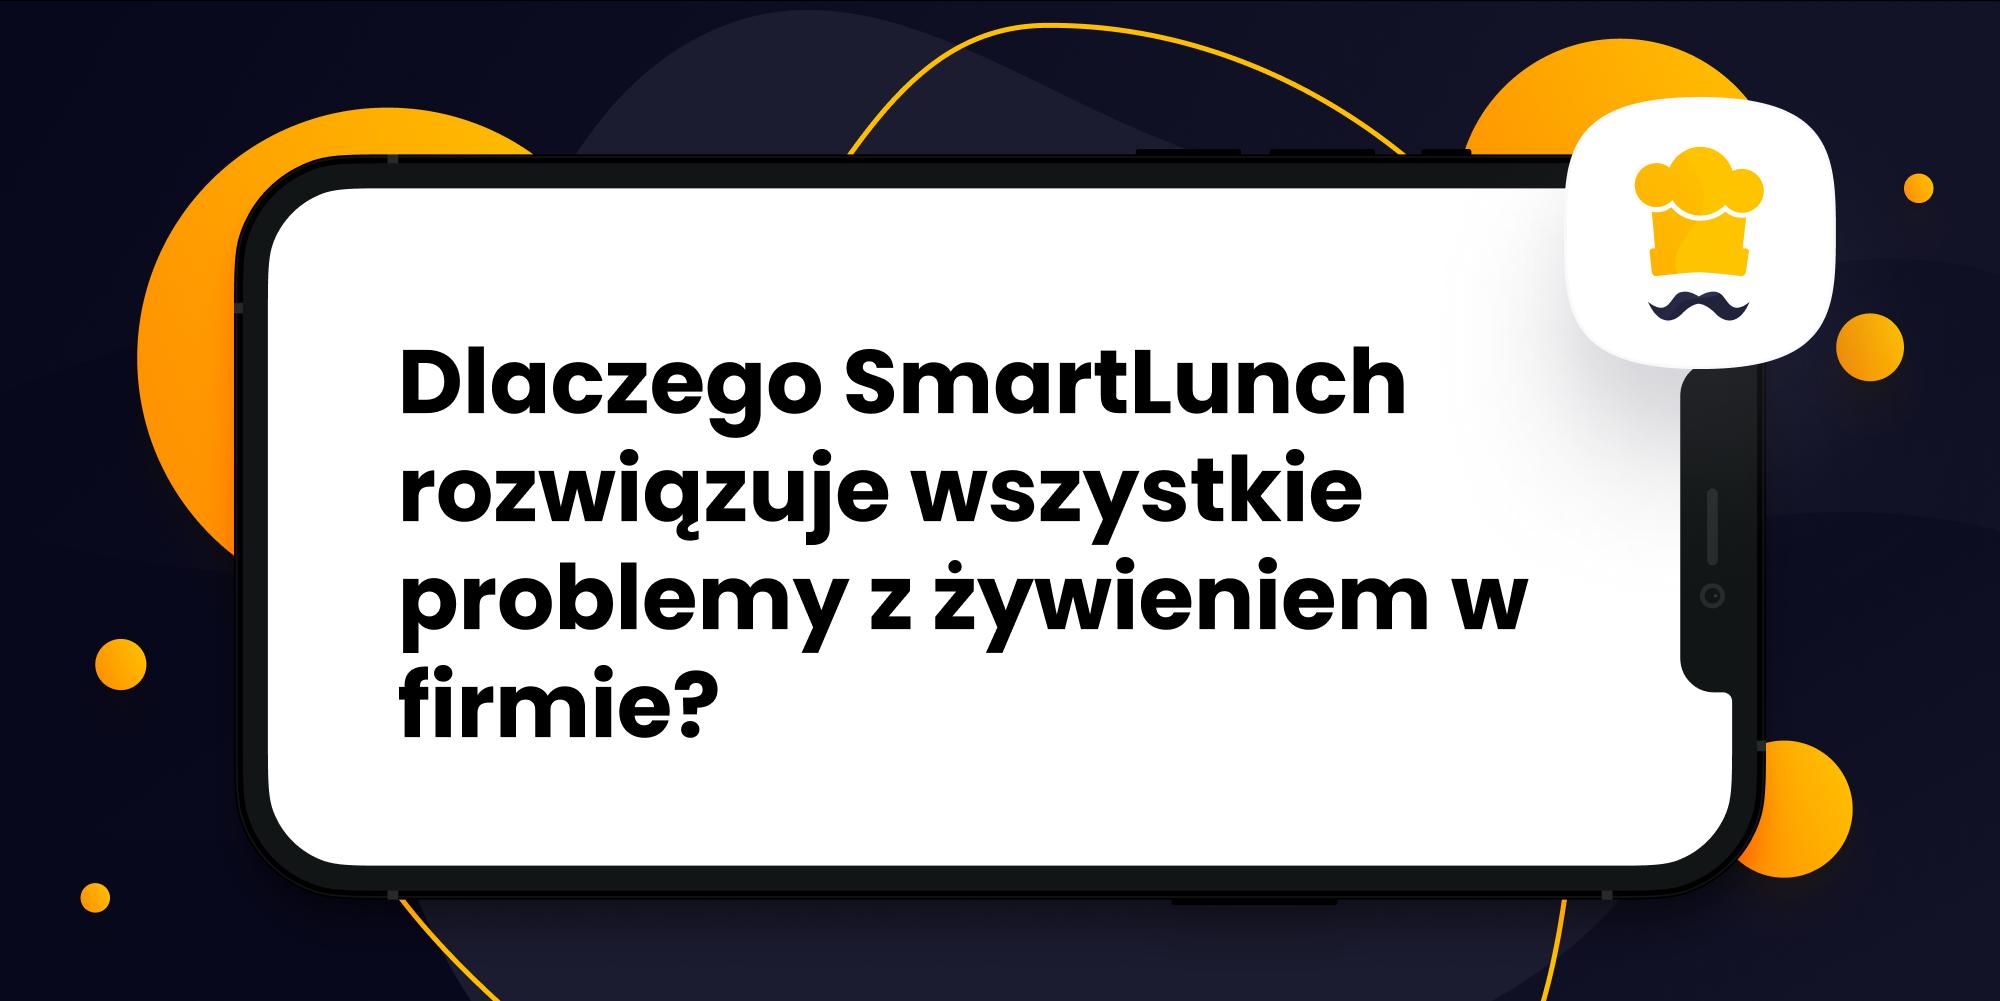 Jak SmartLunch rozwiązuje wszystkie problemy z żywieniem w firmie?